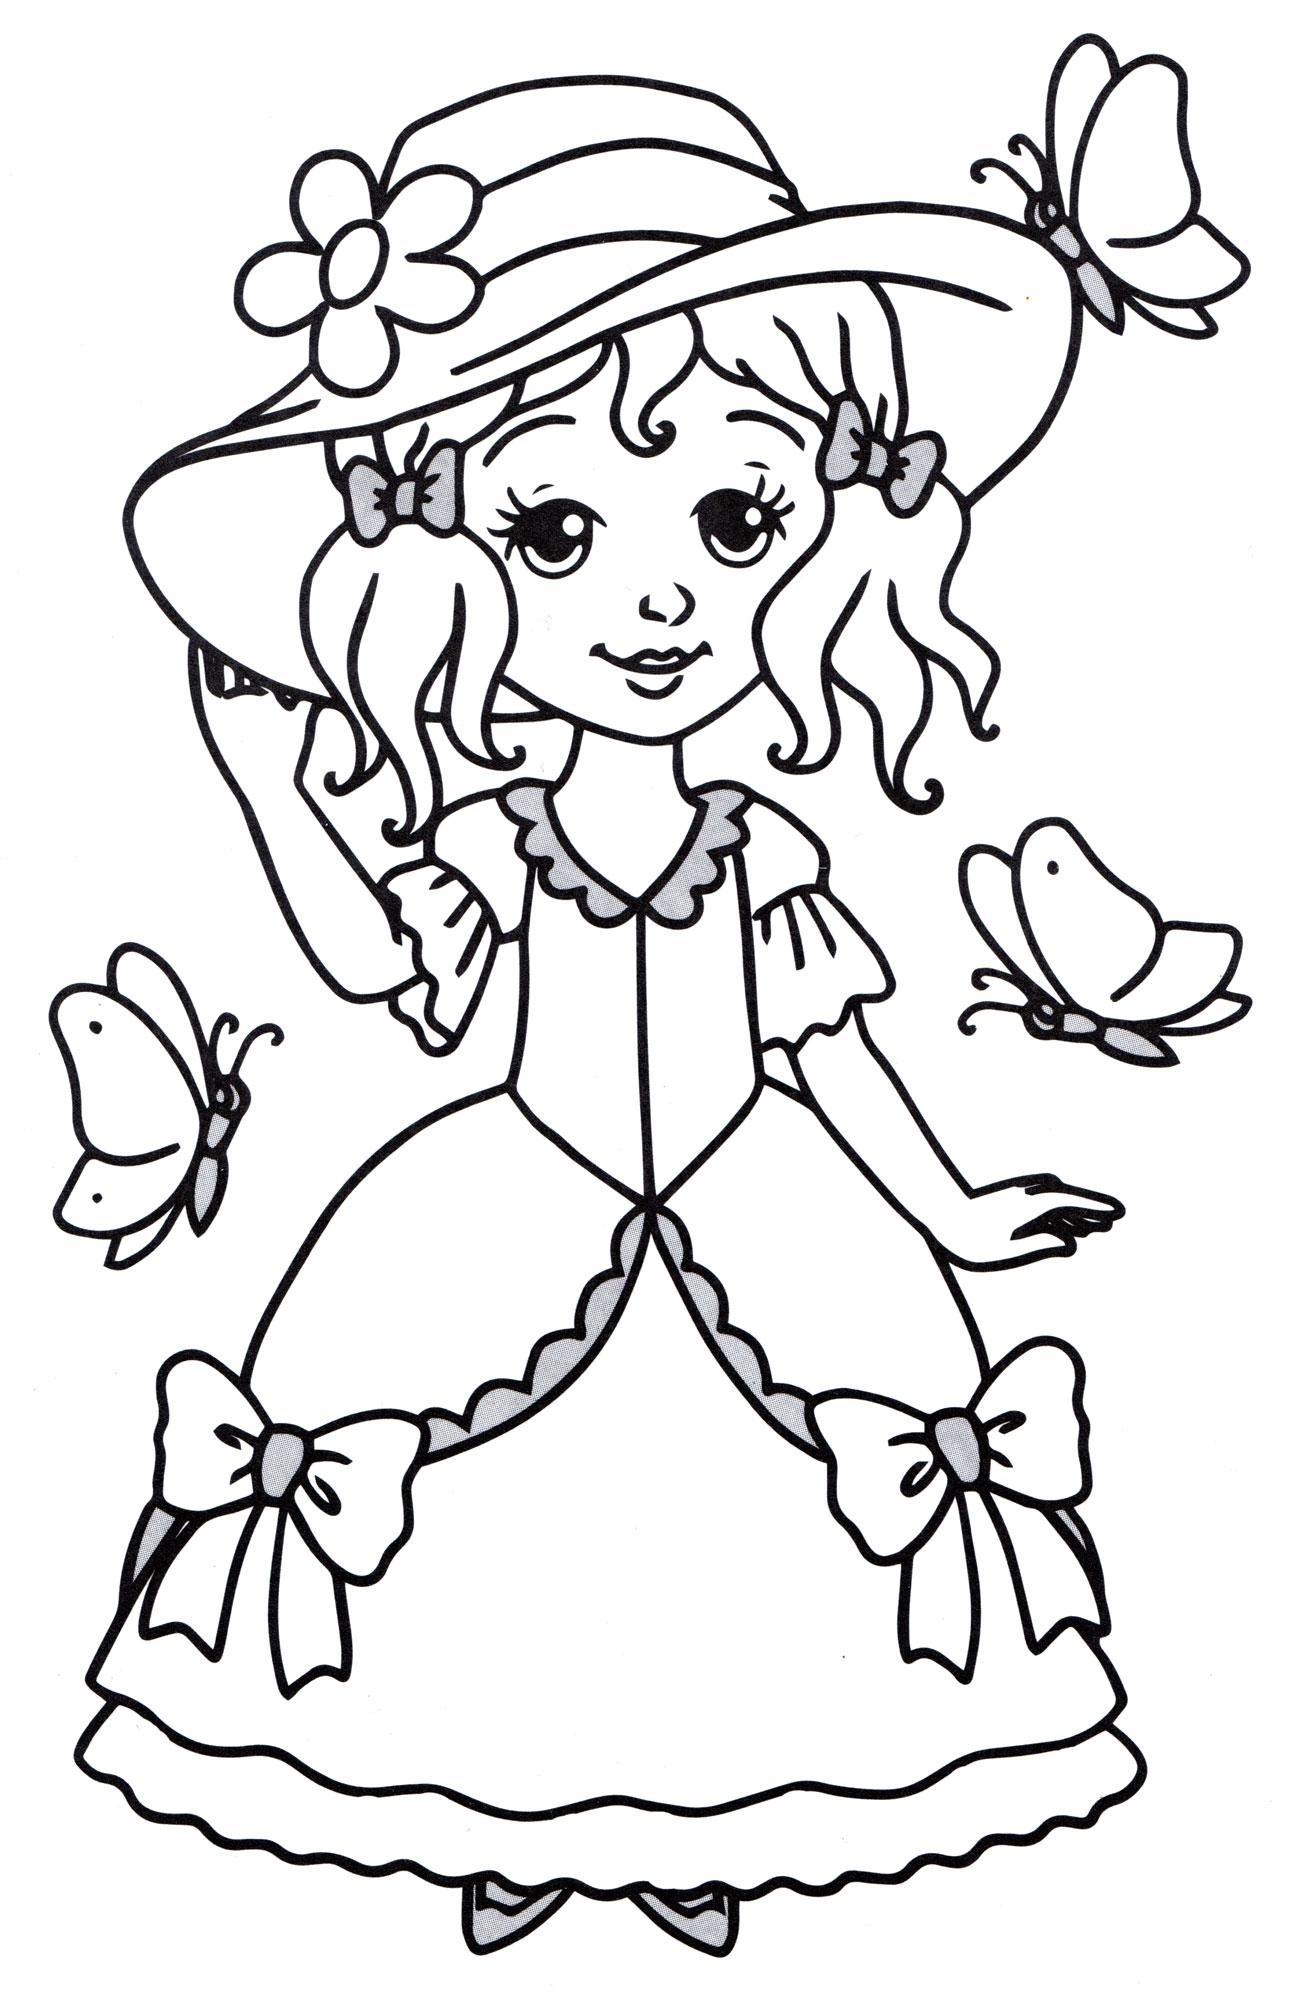 Раскраска Принцесса в шляпке - распечатать бесплатно